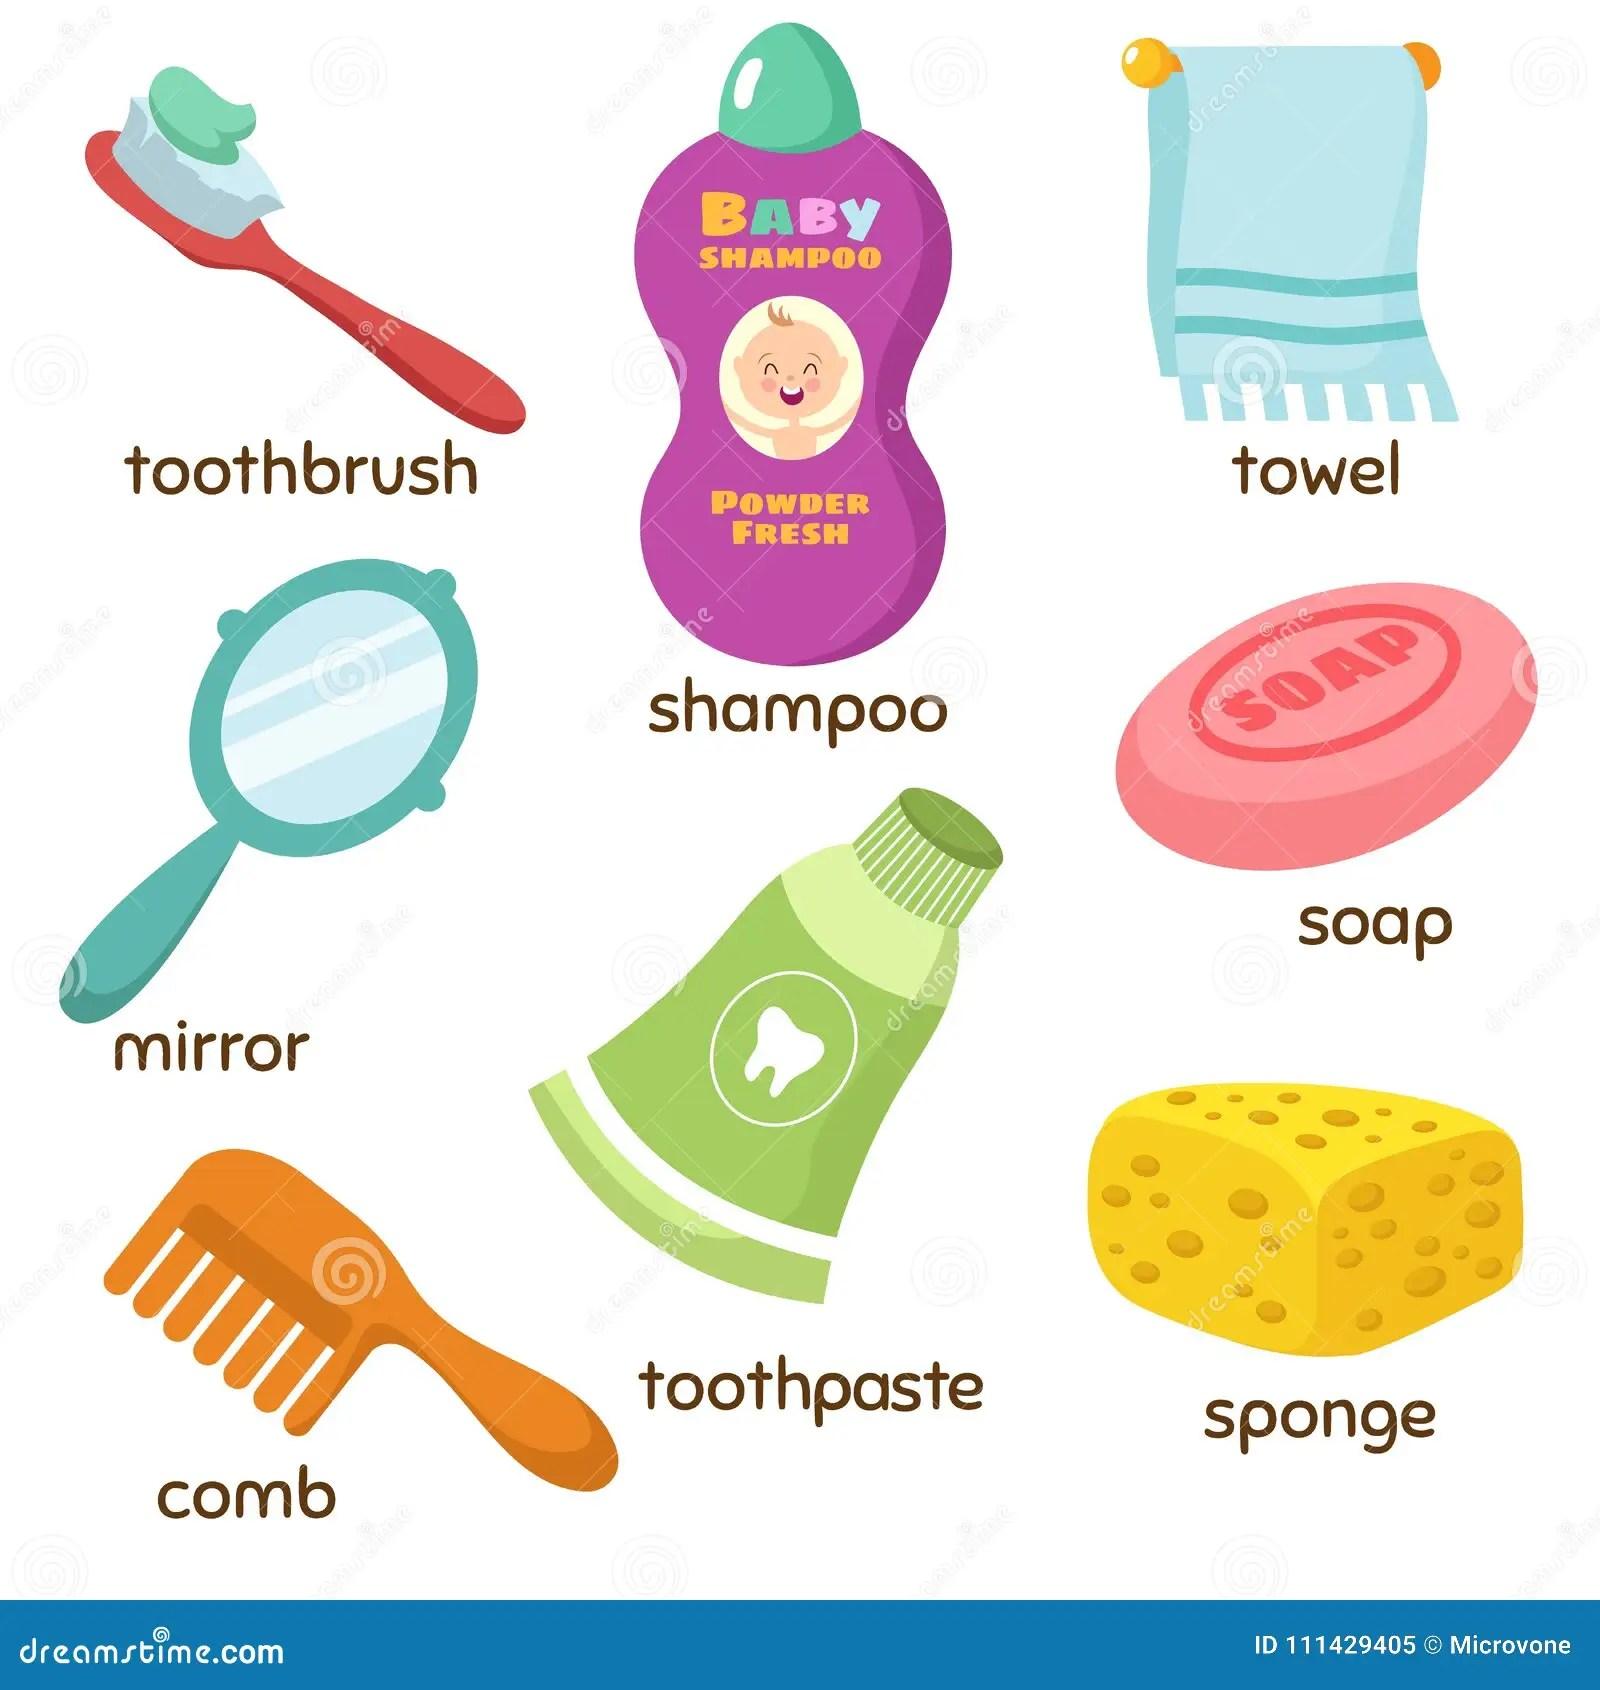 Cartoon Bathroom Accessories Vocabulary Vector Icons